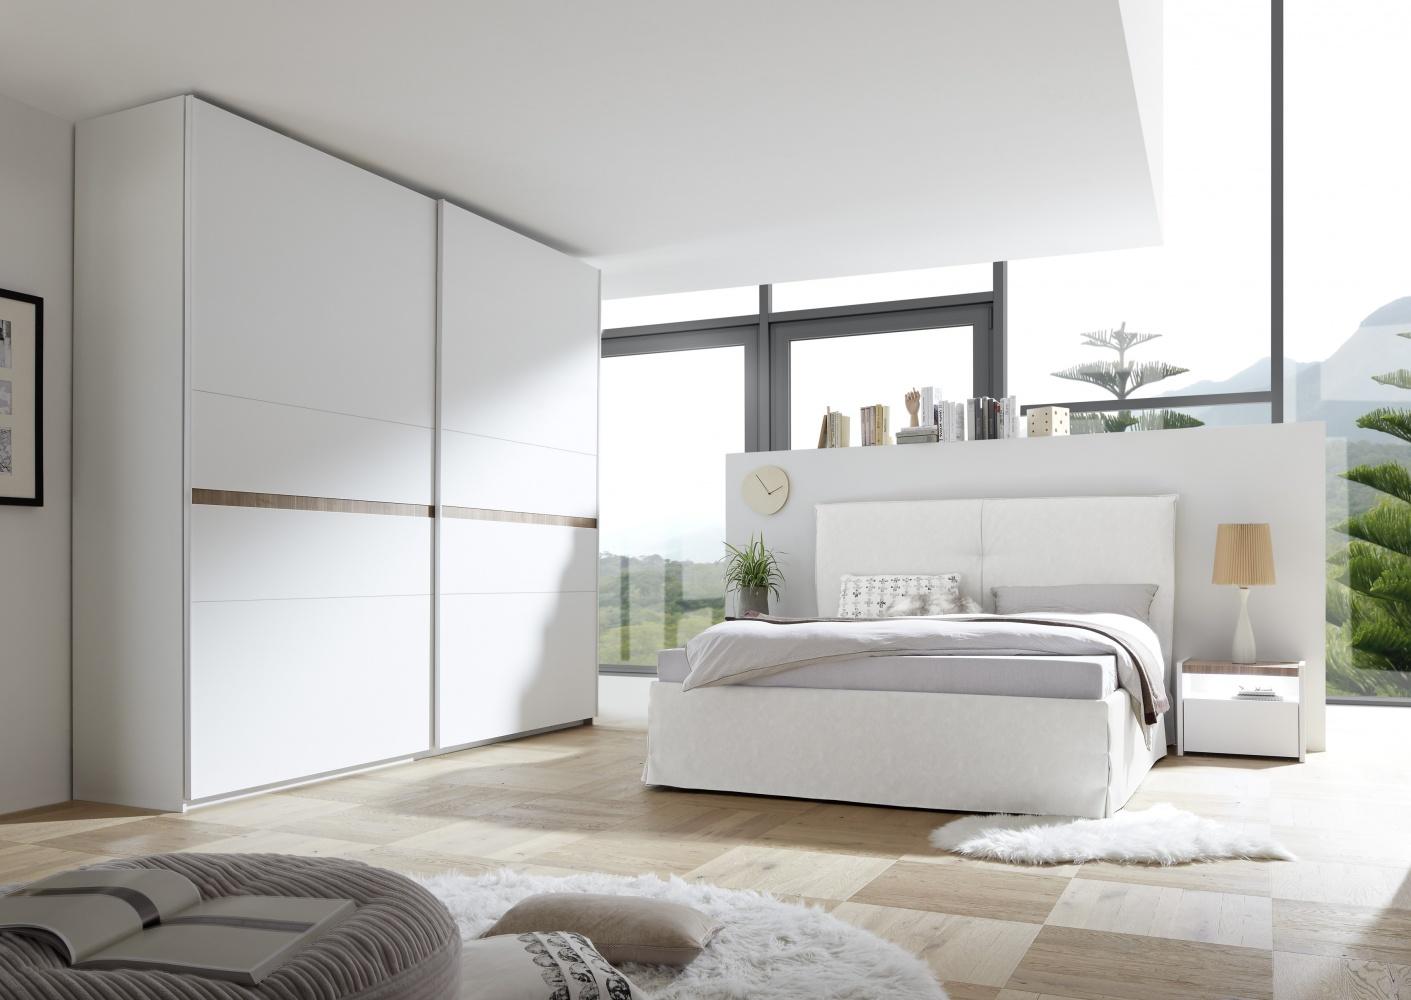 Schlafzimmer Set in Weiß und Nussbaum dunkel Luana